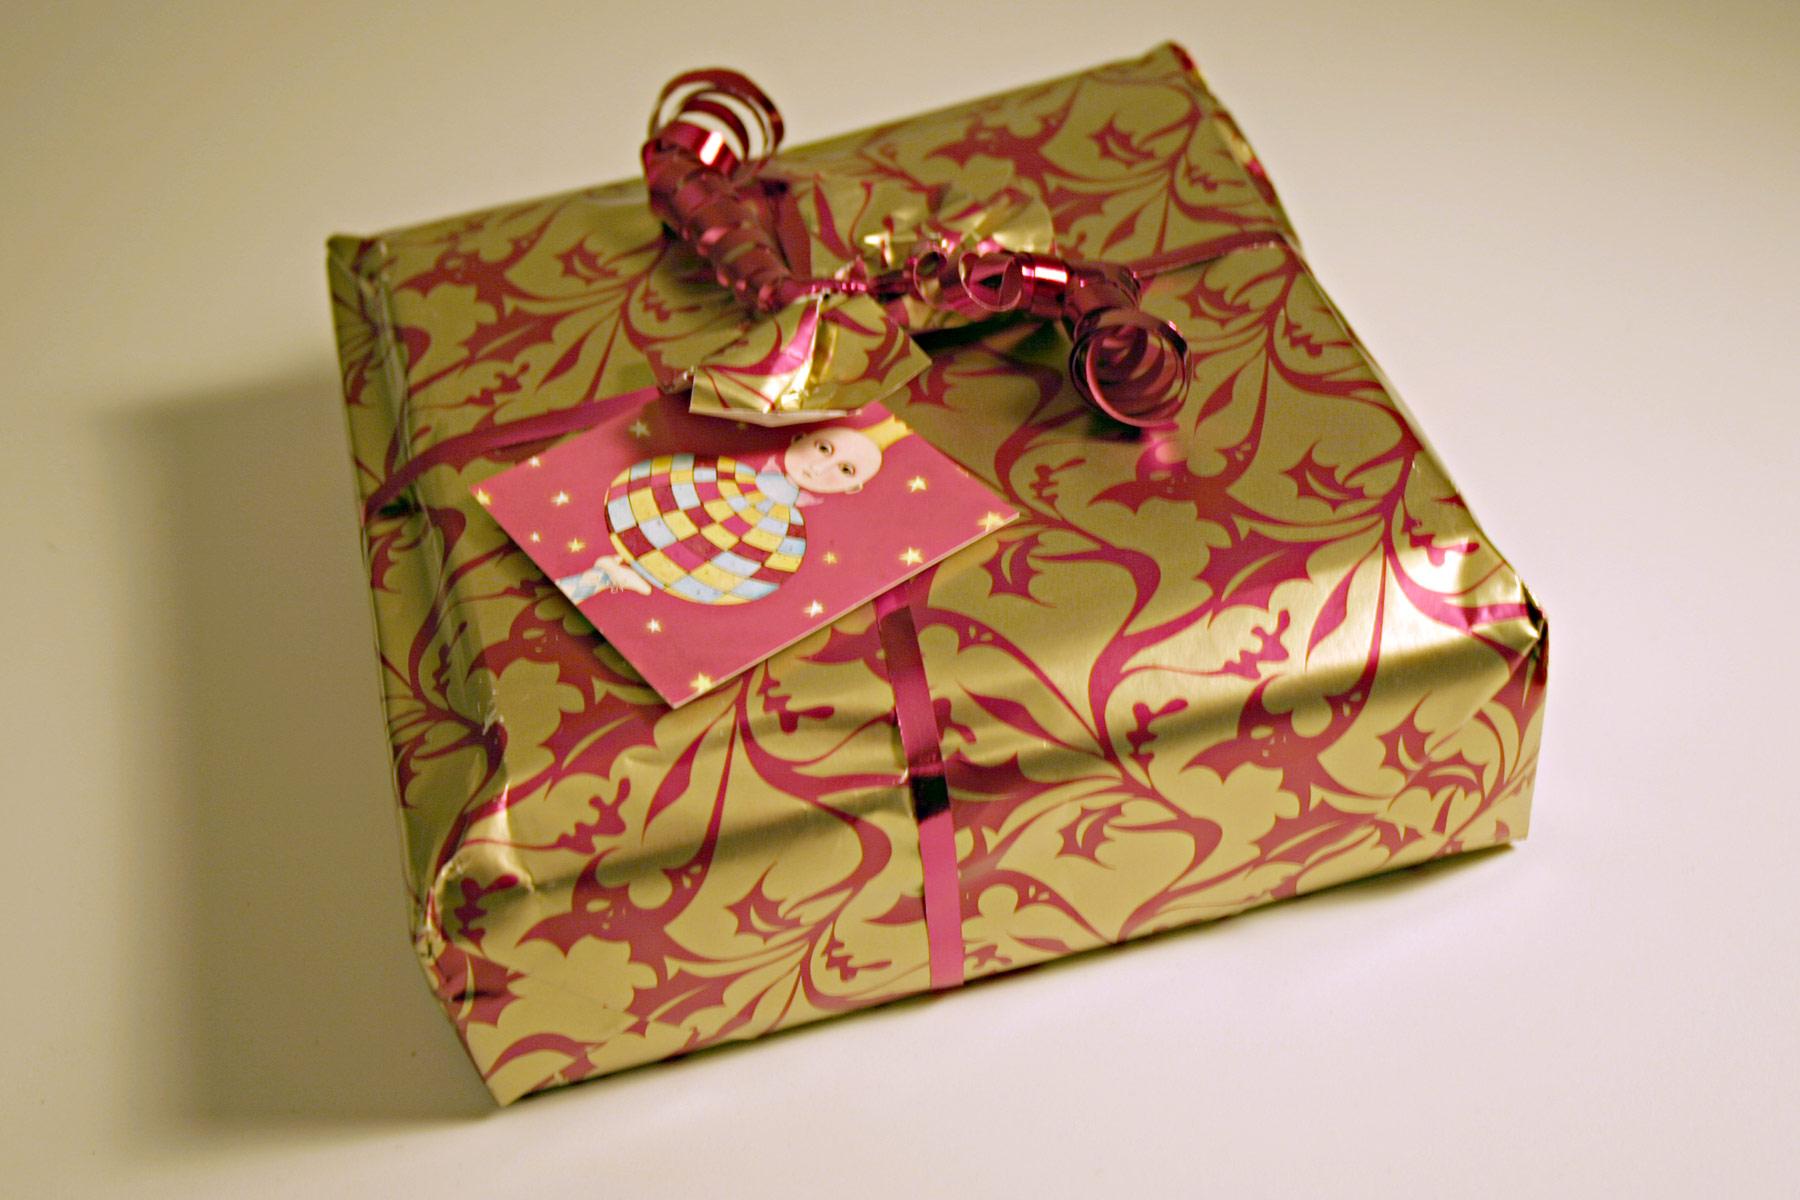 Presentes comprados em grandes quantidades podem sair mais barato (Foto: Divulgação)